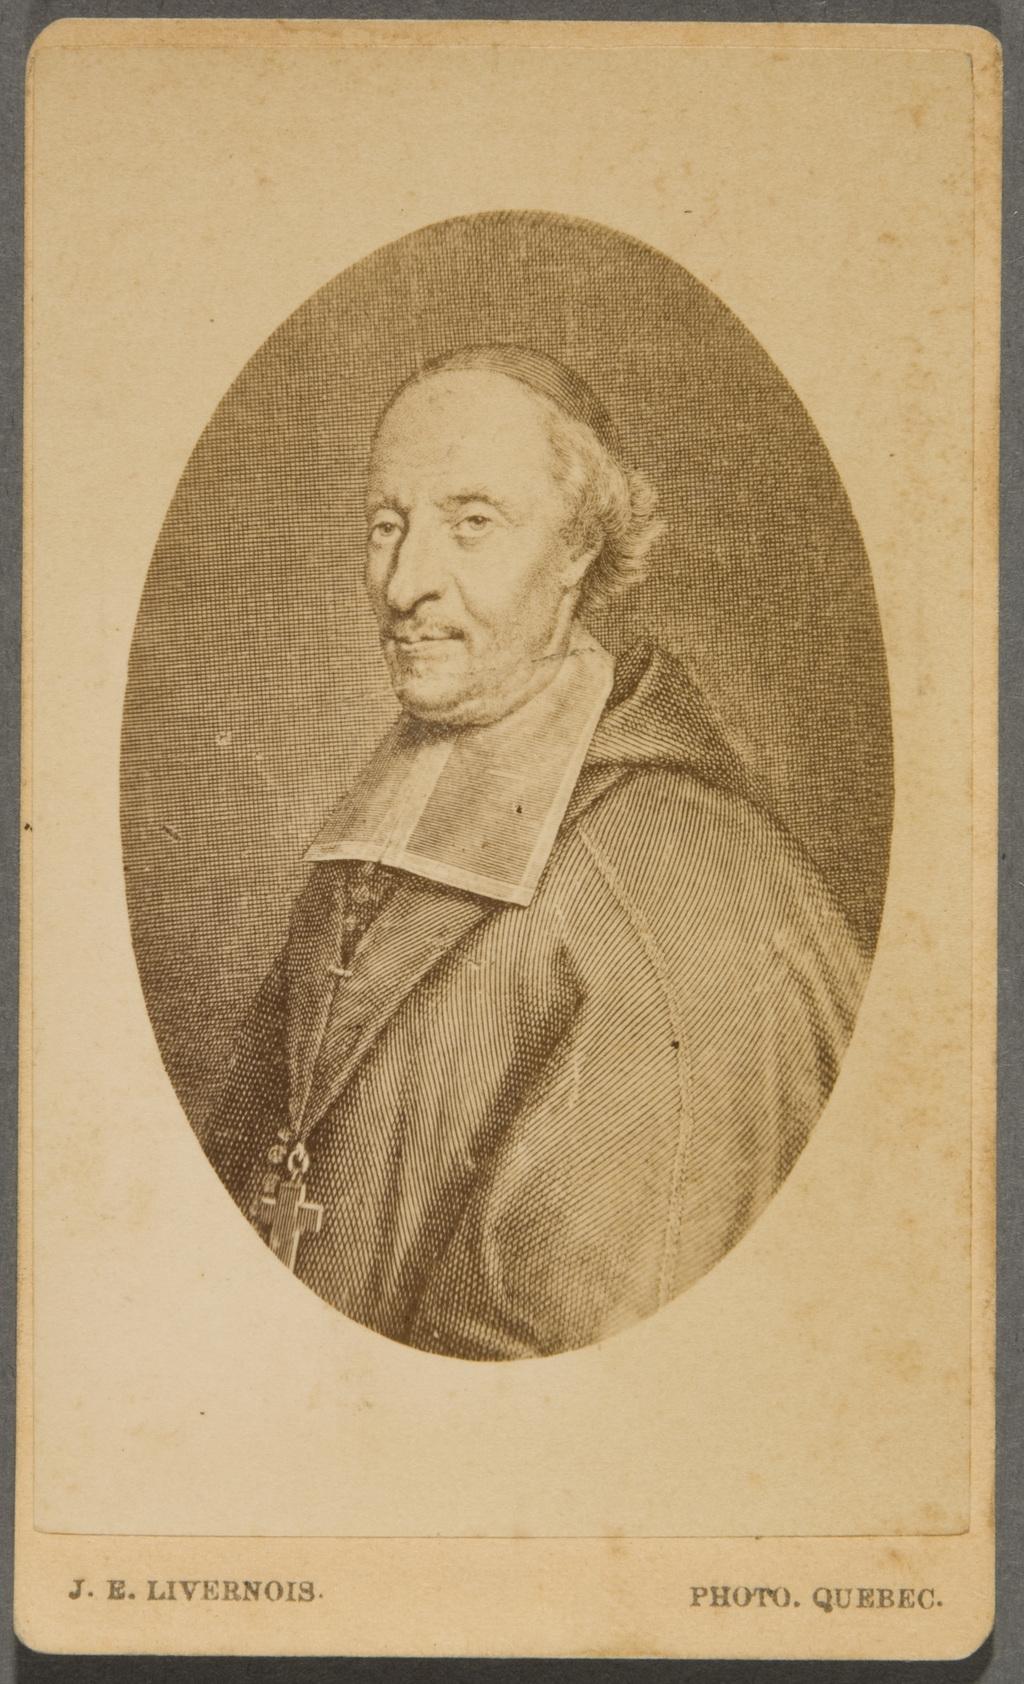 Monseigneur François de Montmorency Laval. Photographie d'une gravure